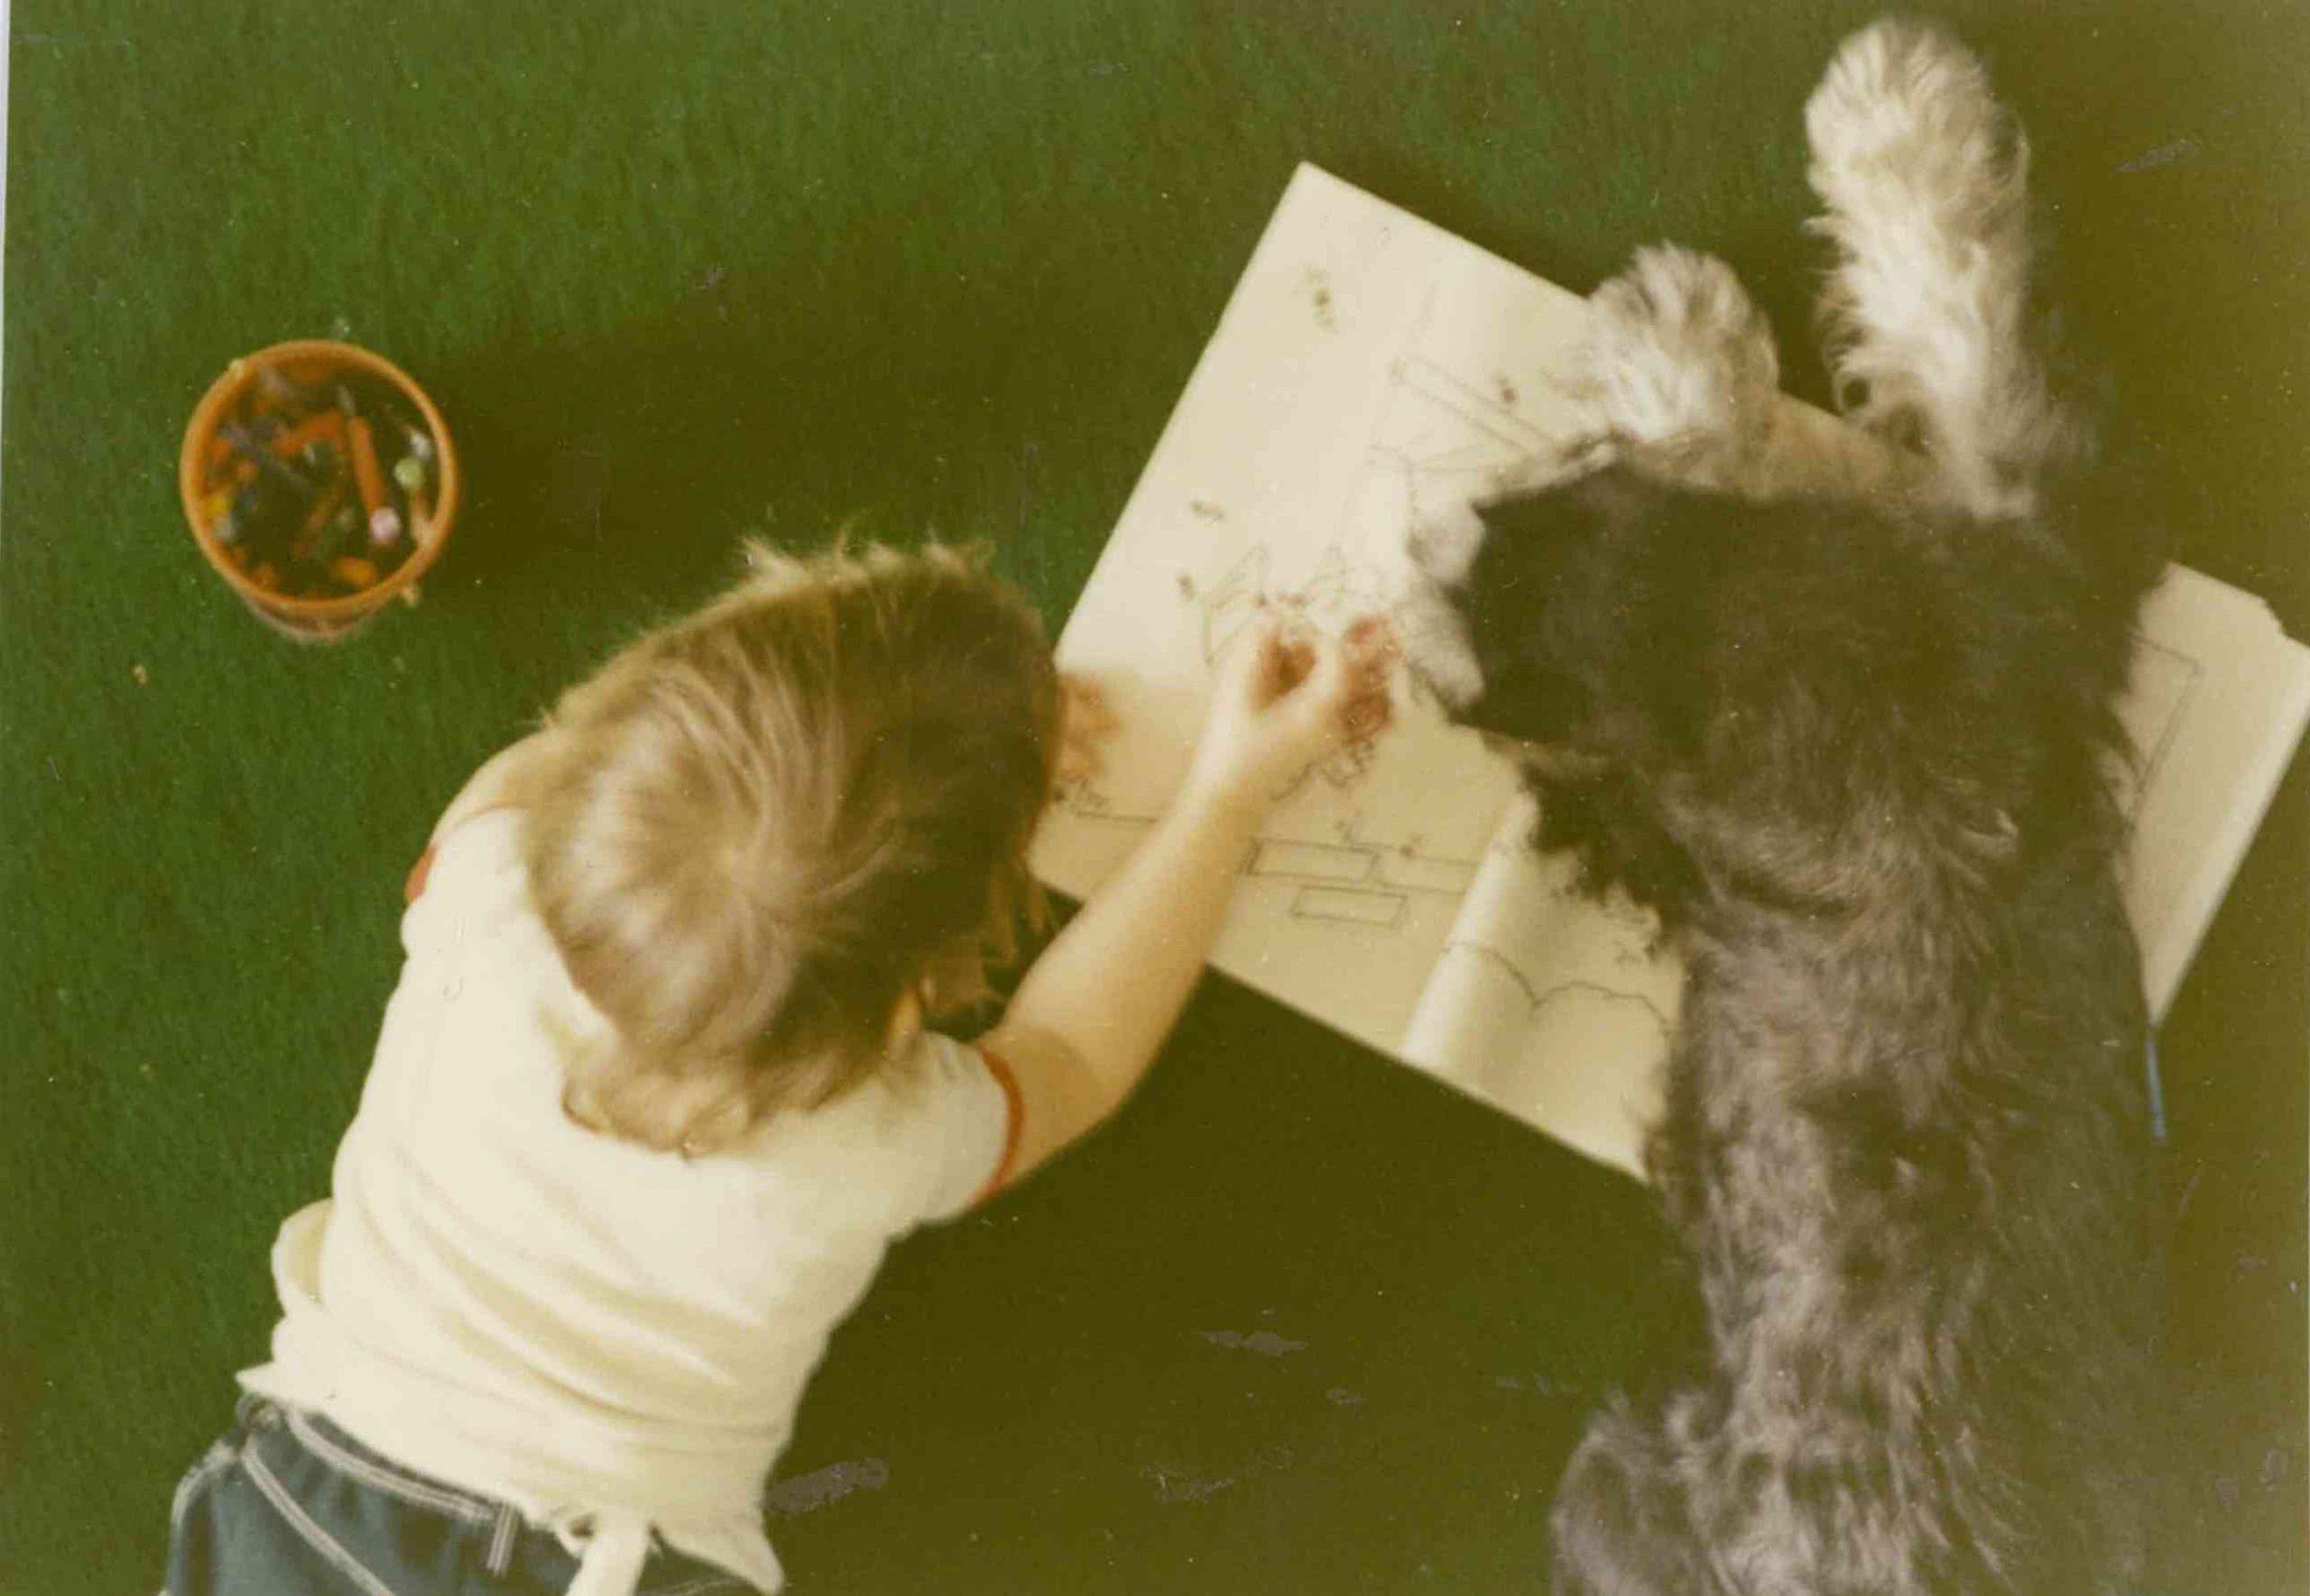 Portrait de Caroline Ferron, enfant, avec son chien en train de dessiner. Clinique vétérinaire Lachine